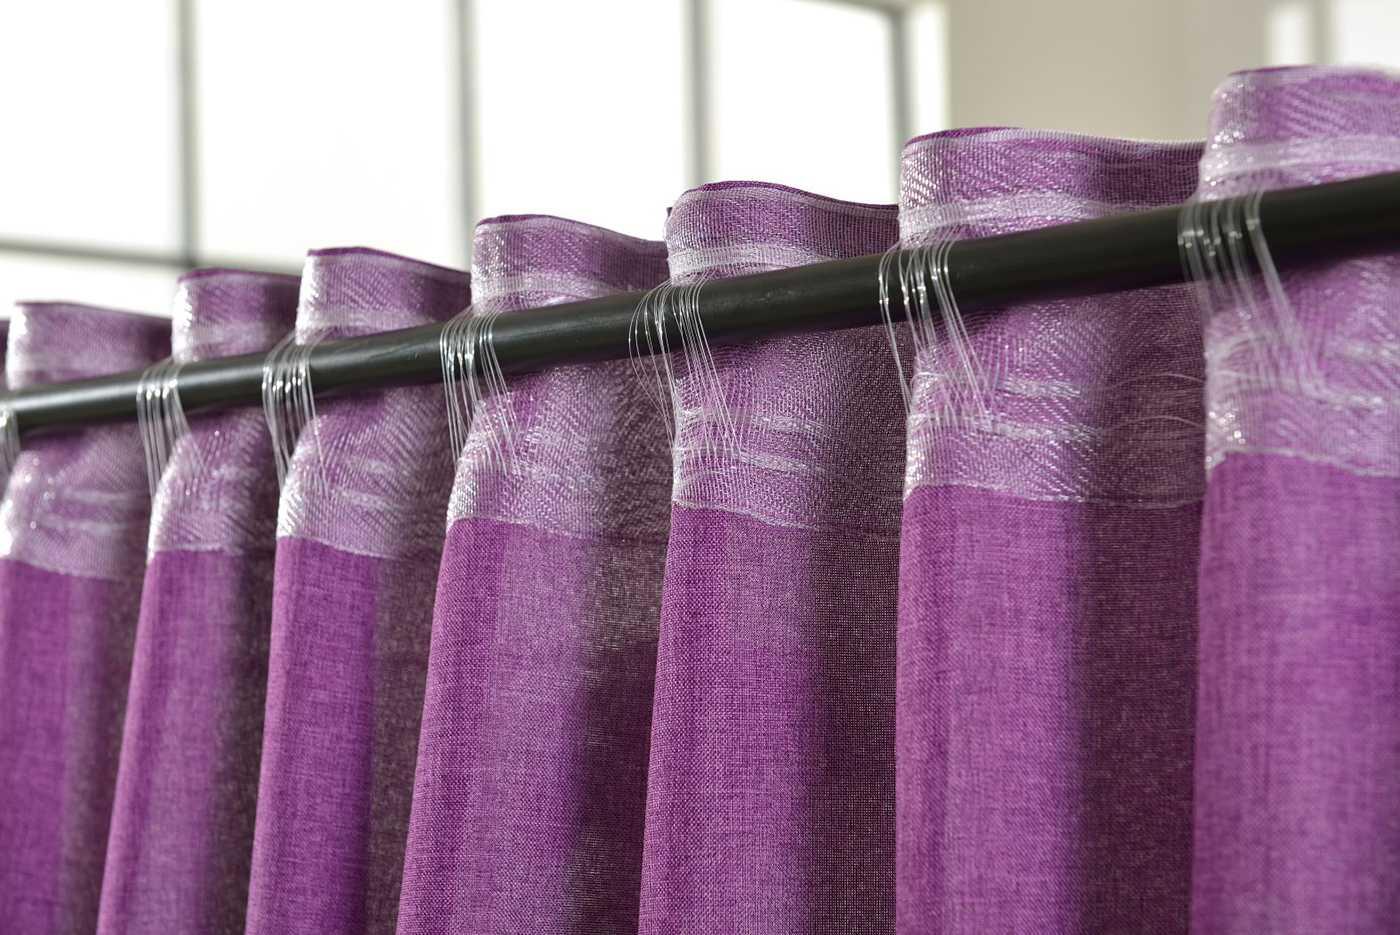 vorhang schlaufen cationic blickdicht leinen optik 2 st ck 245x140 fuchsia ebay. Black Bedroom Furniture Sets. Home Design Ideas